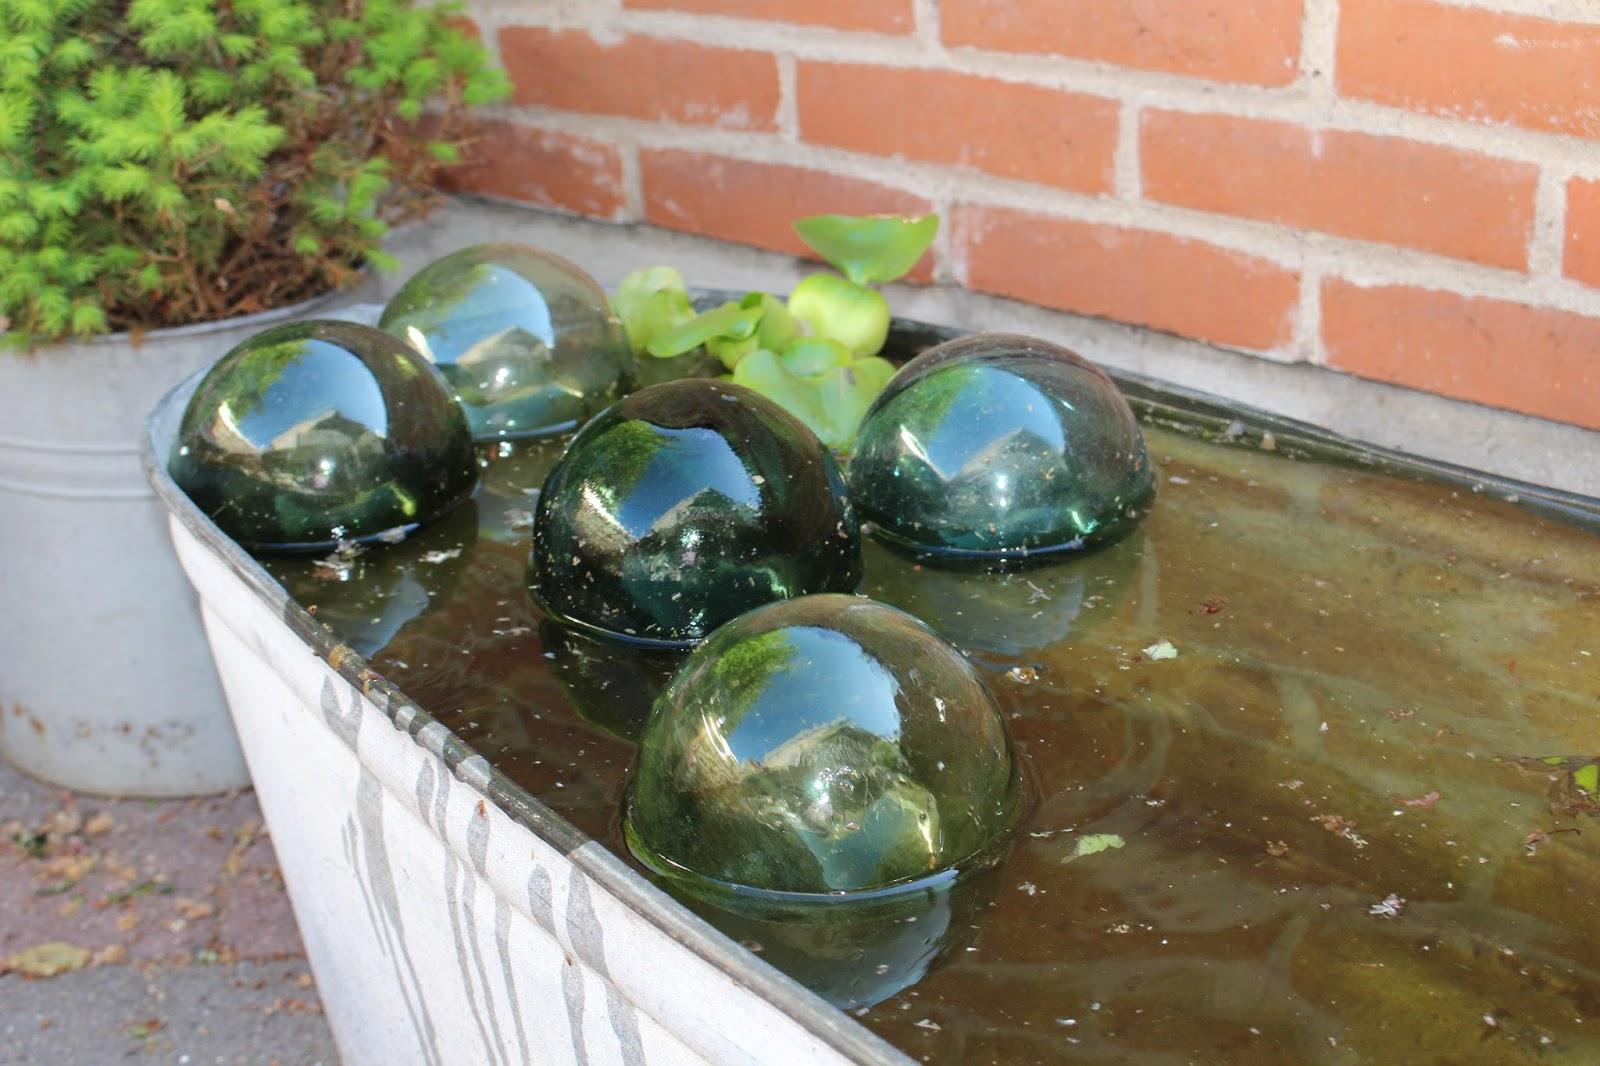 Fru Pedersens have: Zink, petunie, baljer og badekar.